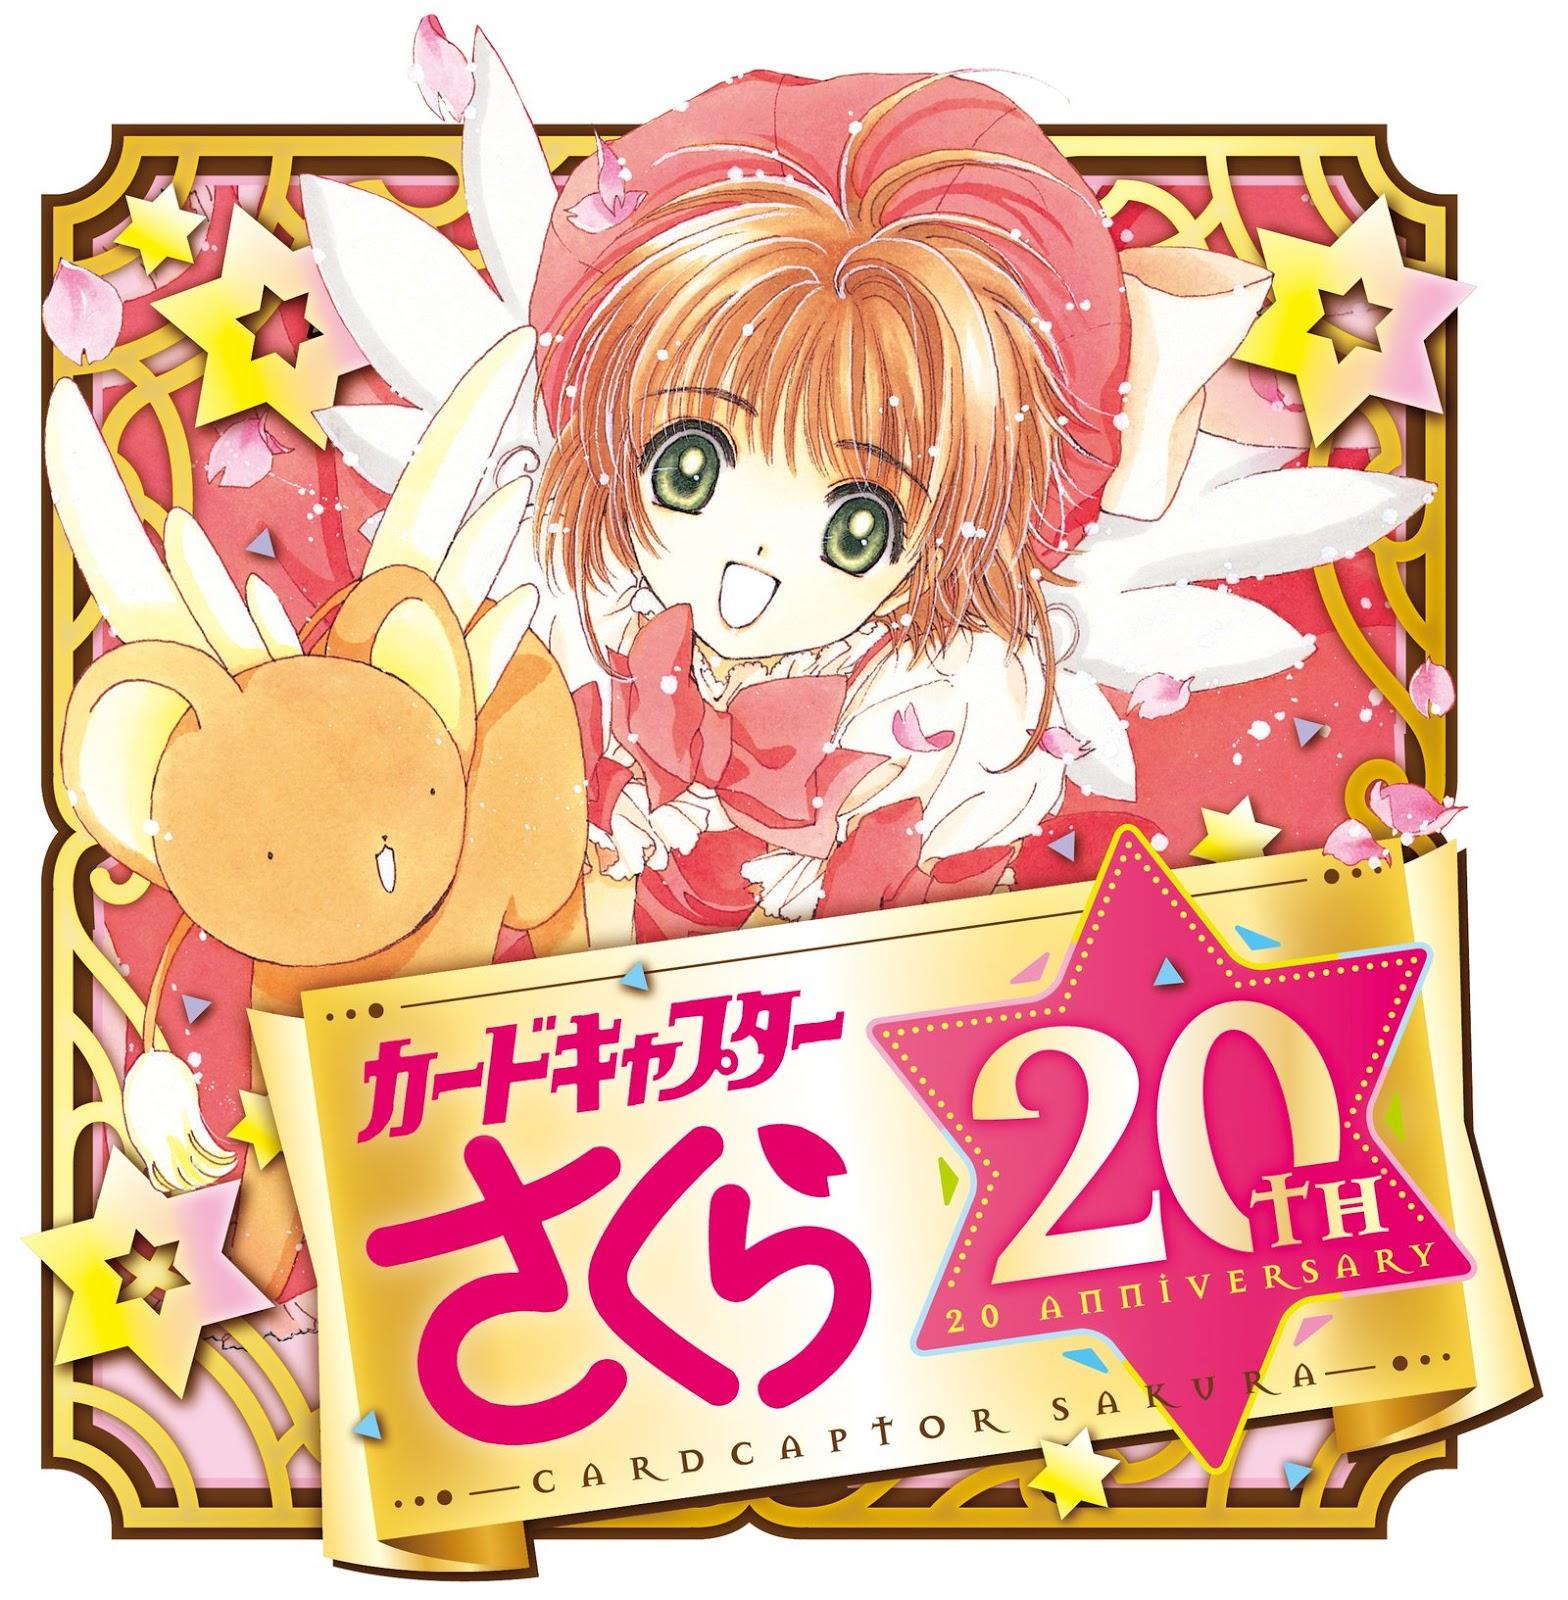 Novo Trailer de Sakura Cardcaptor Clear Card-hen!